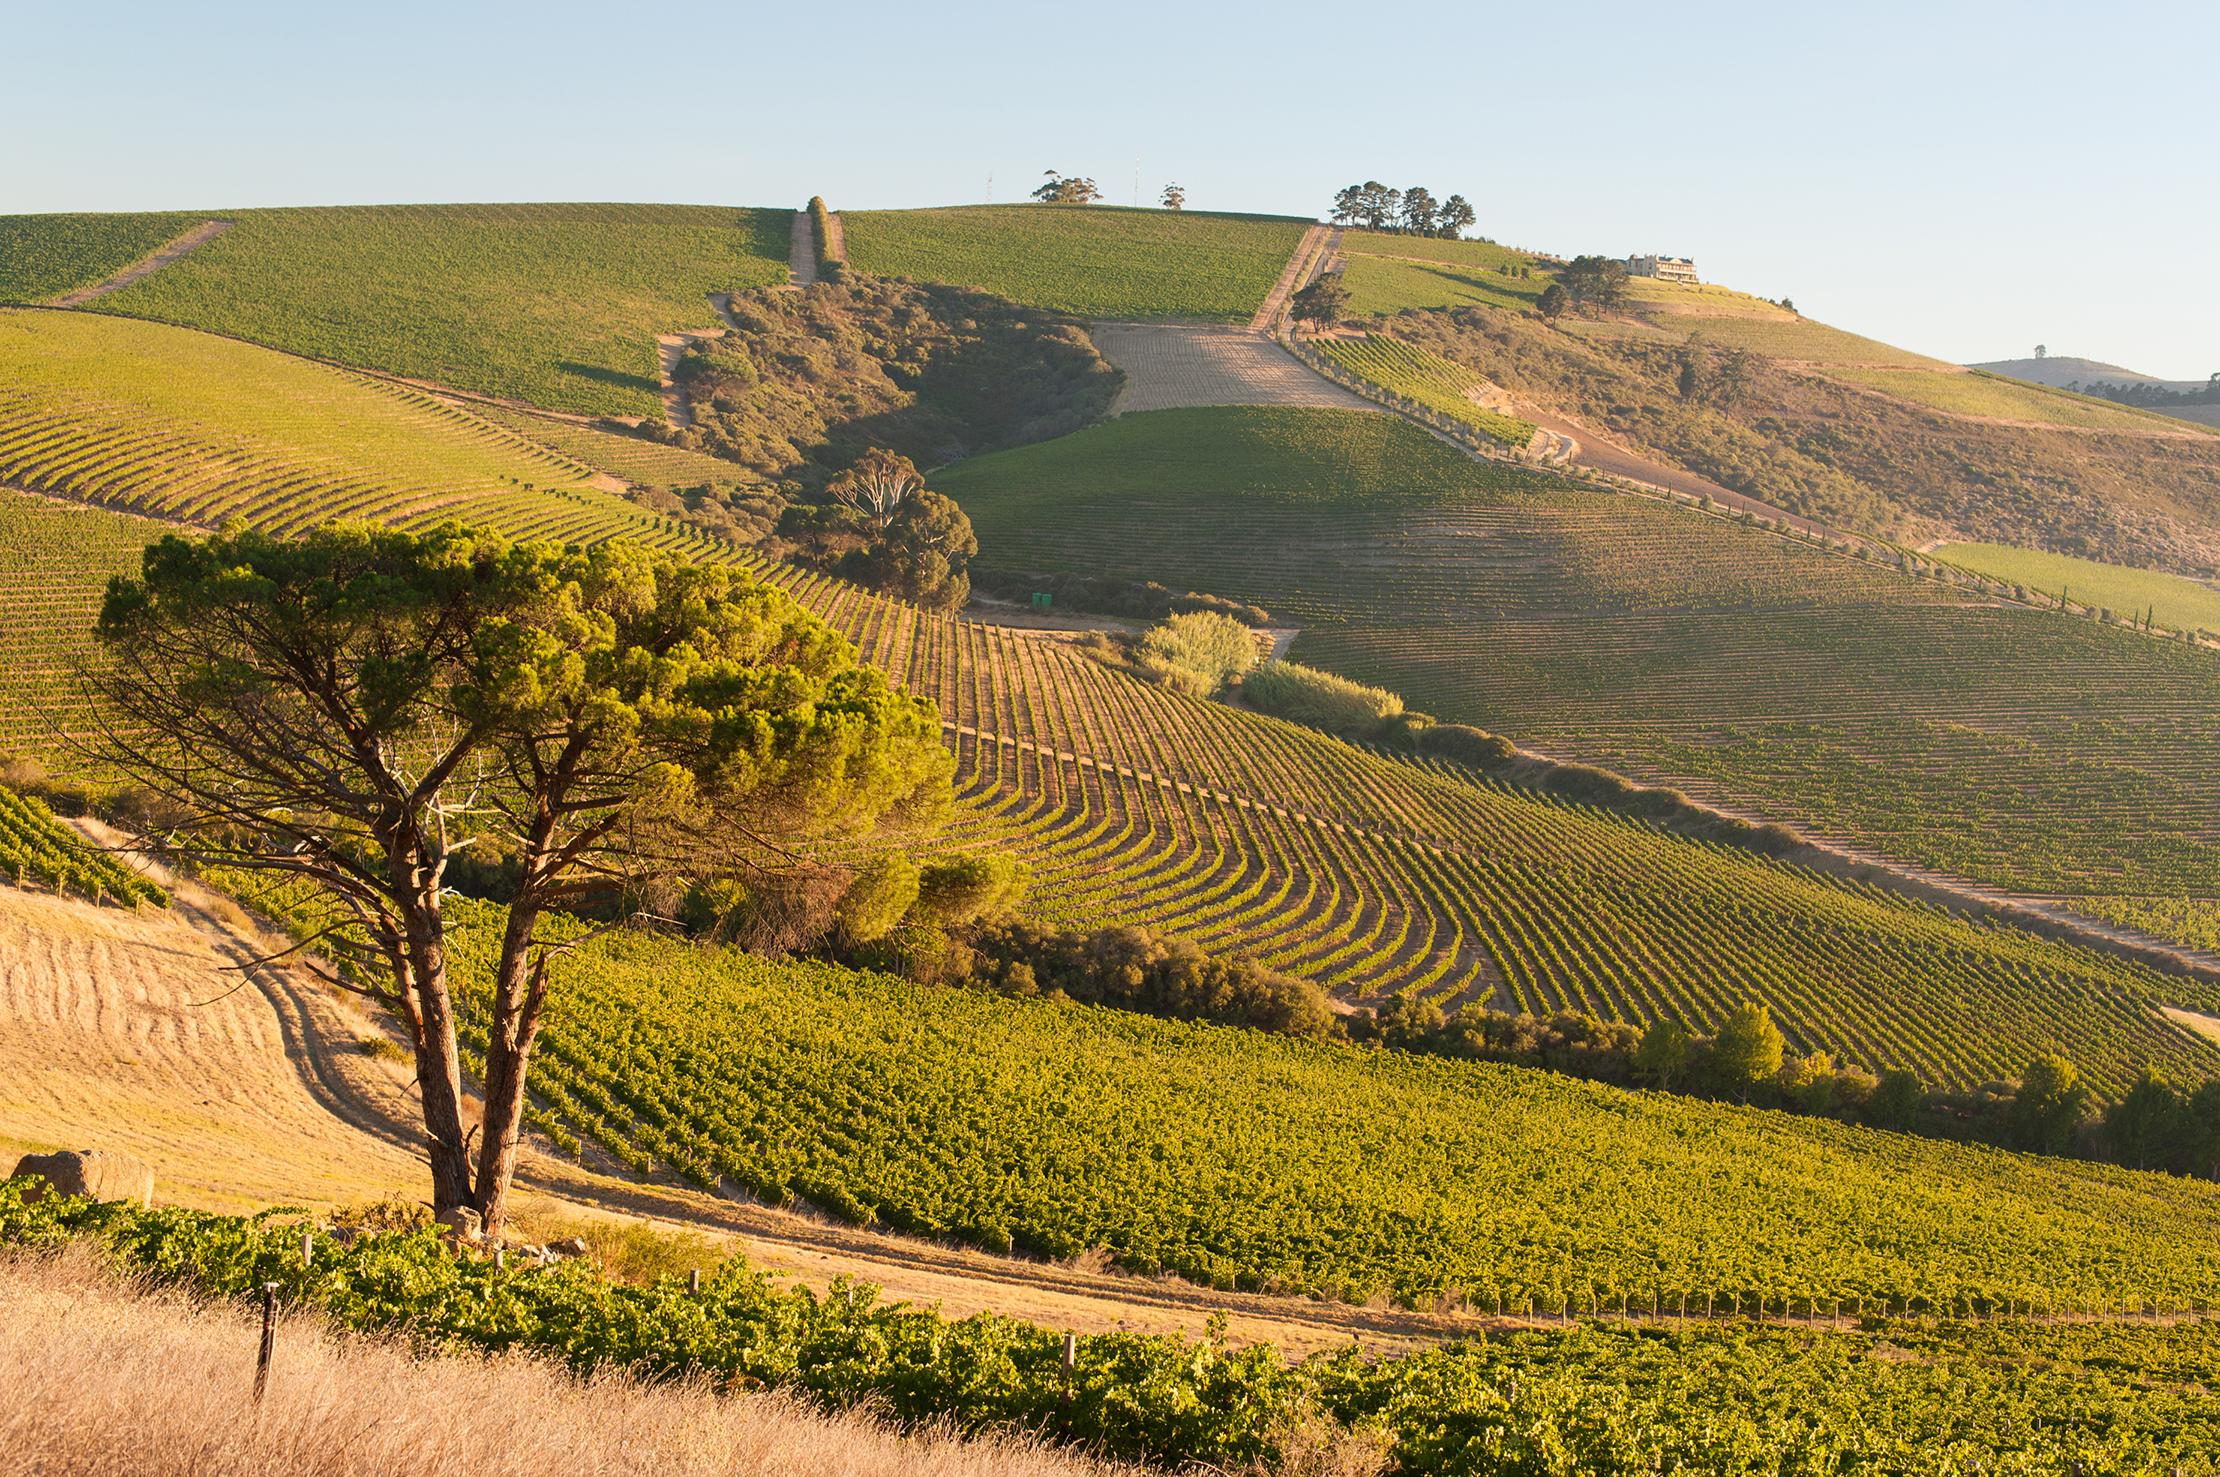 jordan-winery-landscape-38.jpg